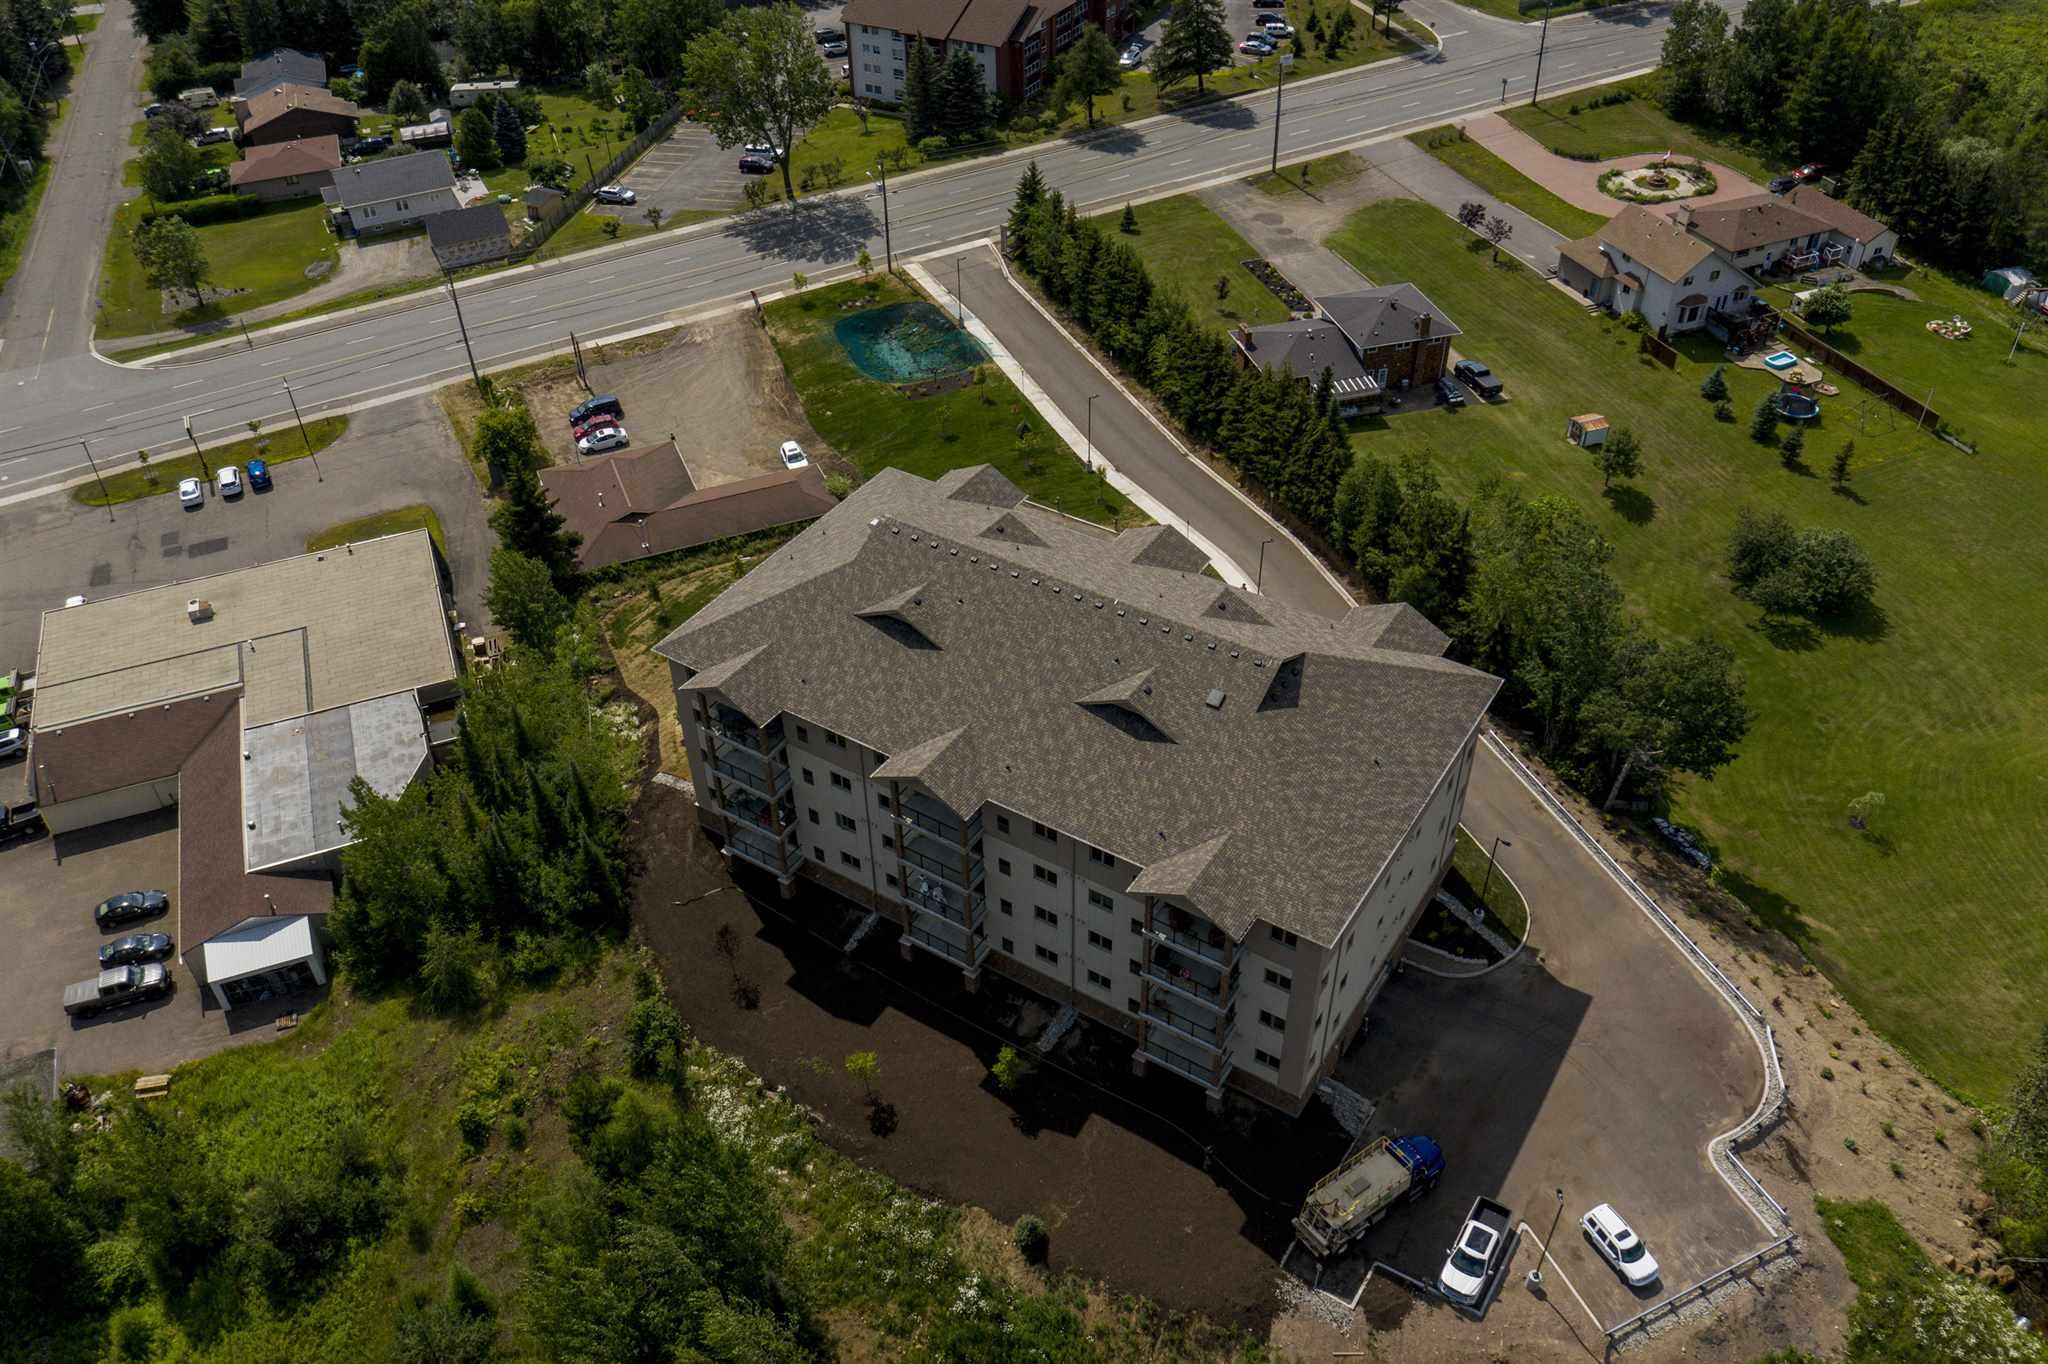 404 1230 DAWSON RD, Thunder Bay, Ontario (ID TB192473)